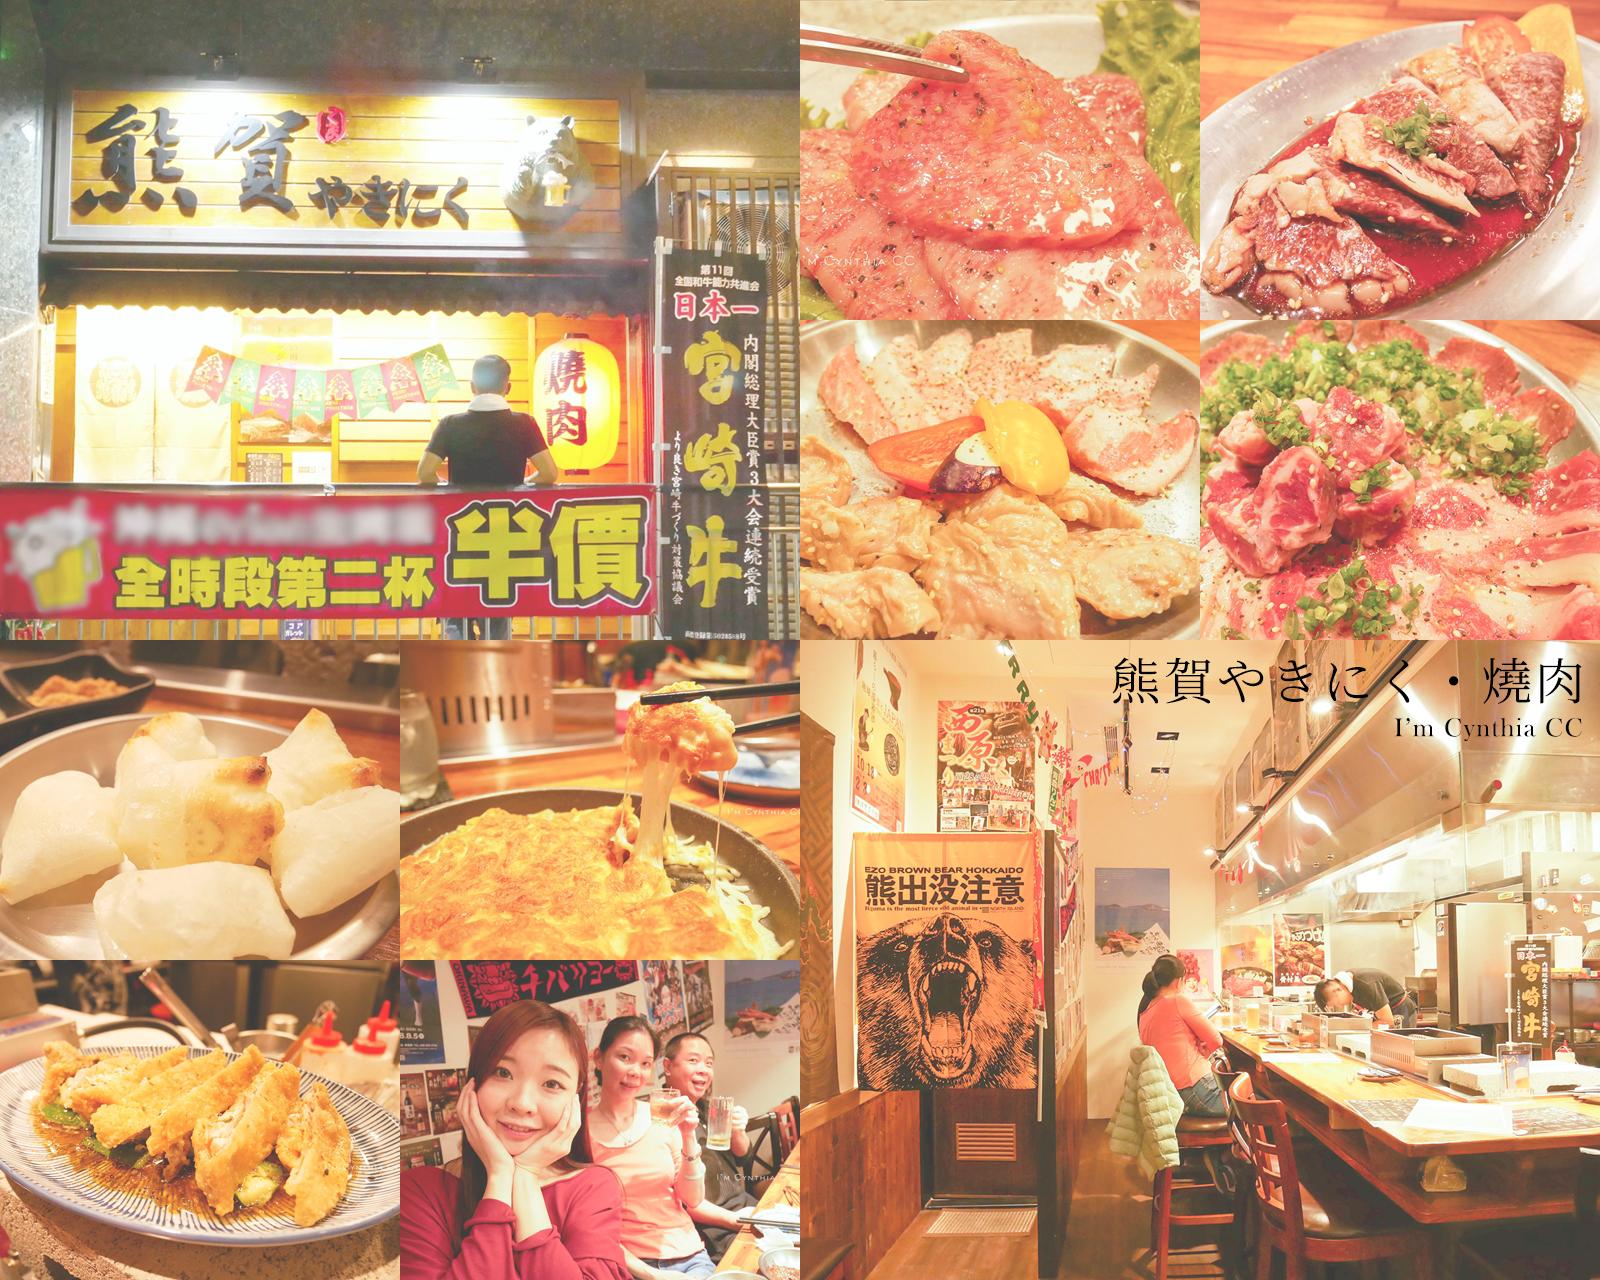 新北蘆洲美食推薦熊賀やきにく・燒肉│頂級和牛 彷彿來到了日本沖繩